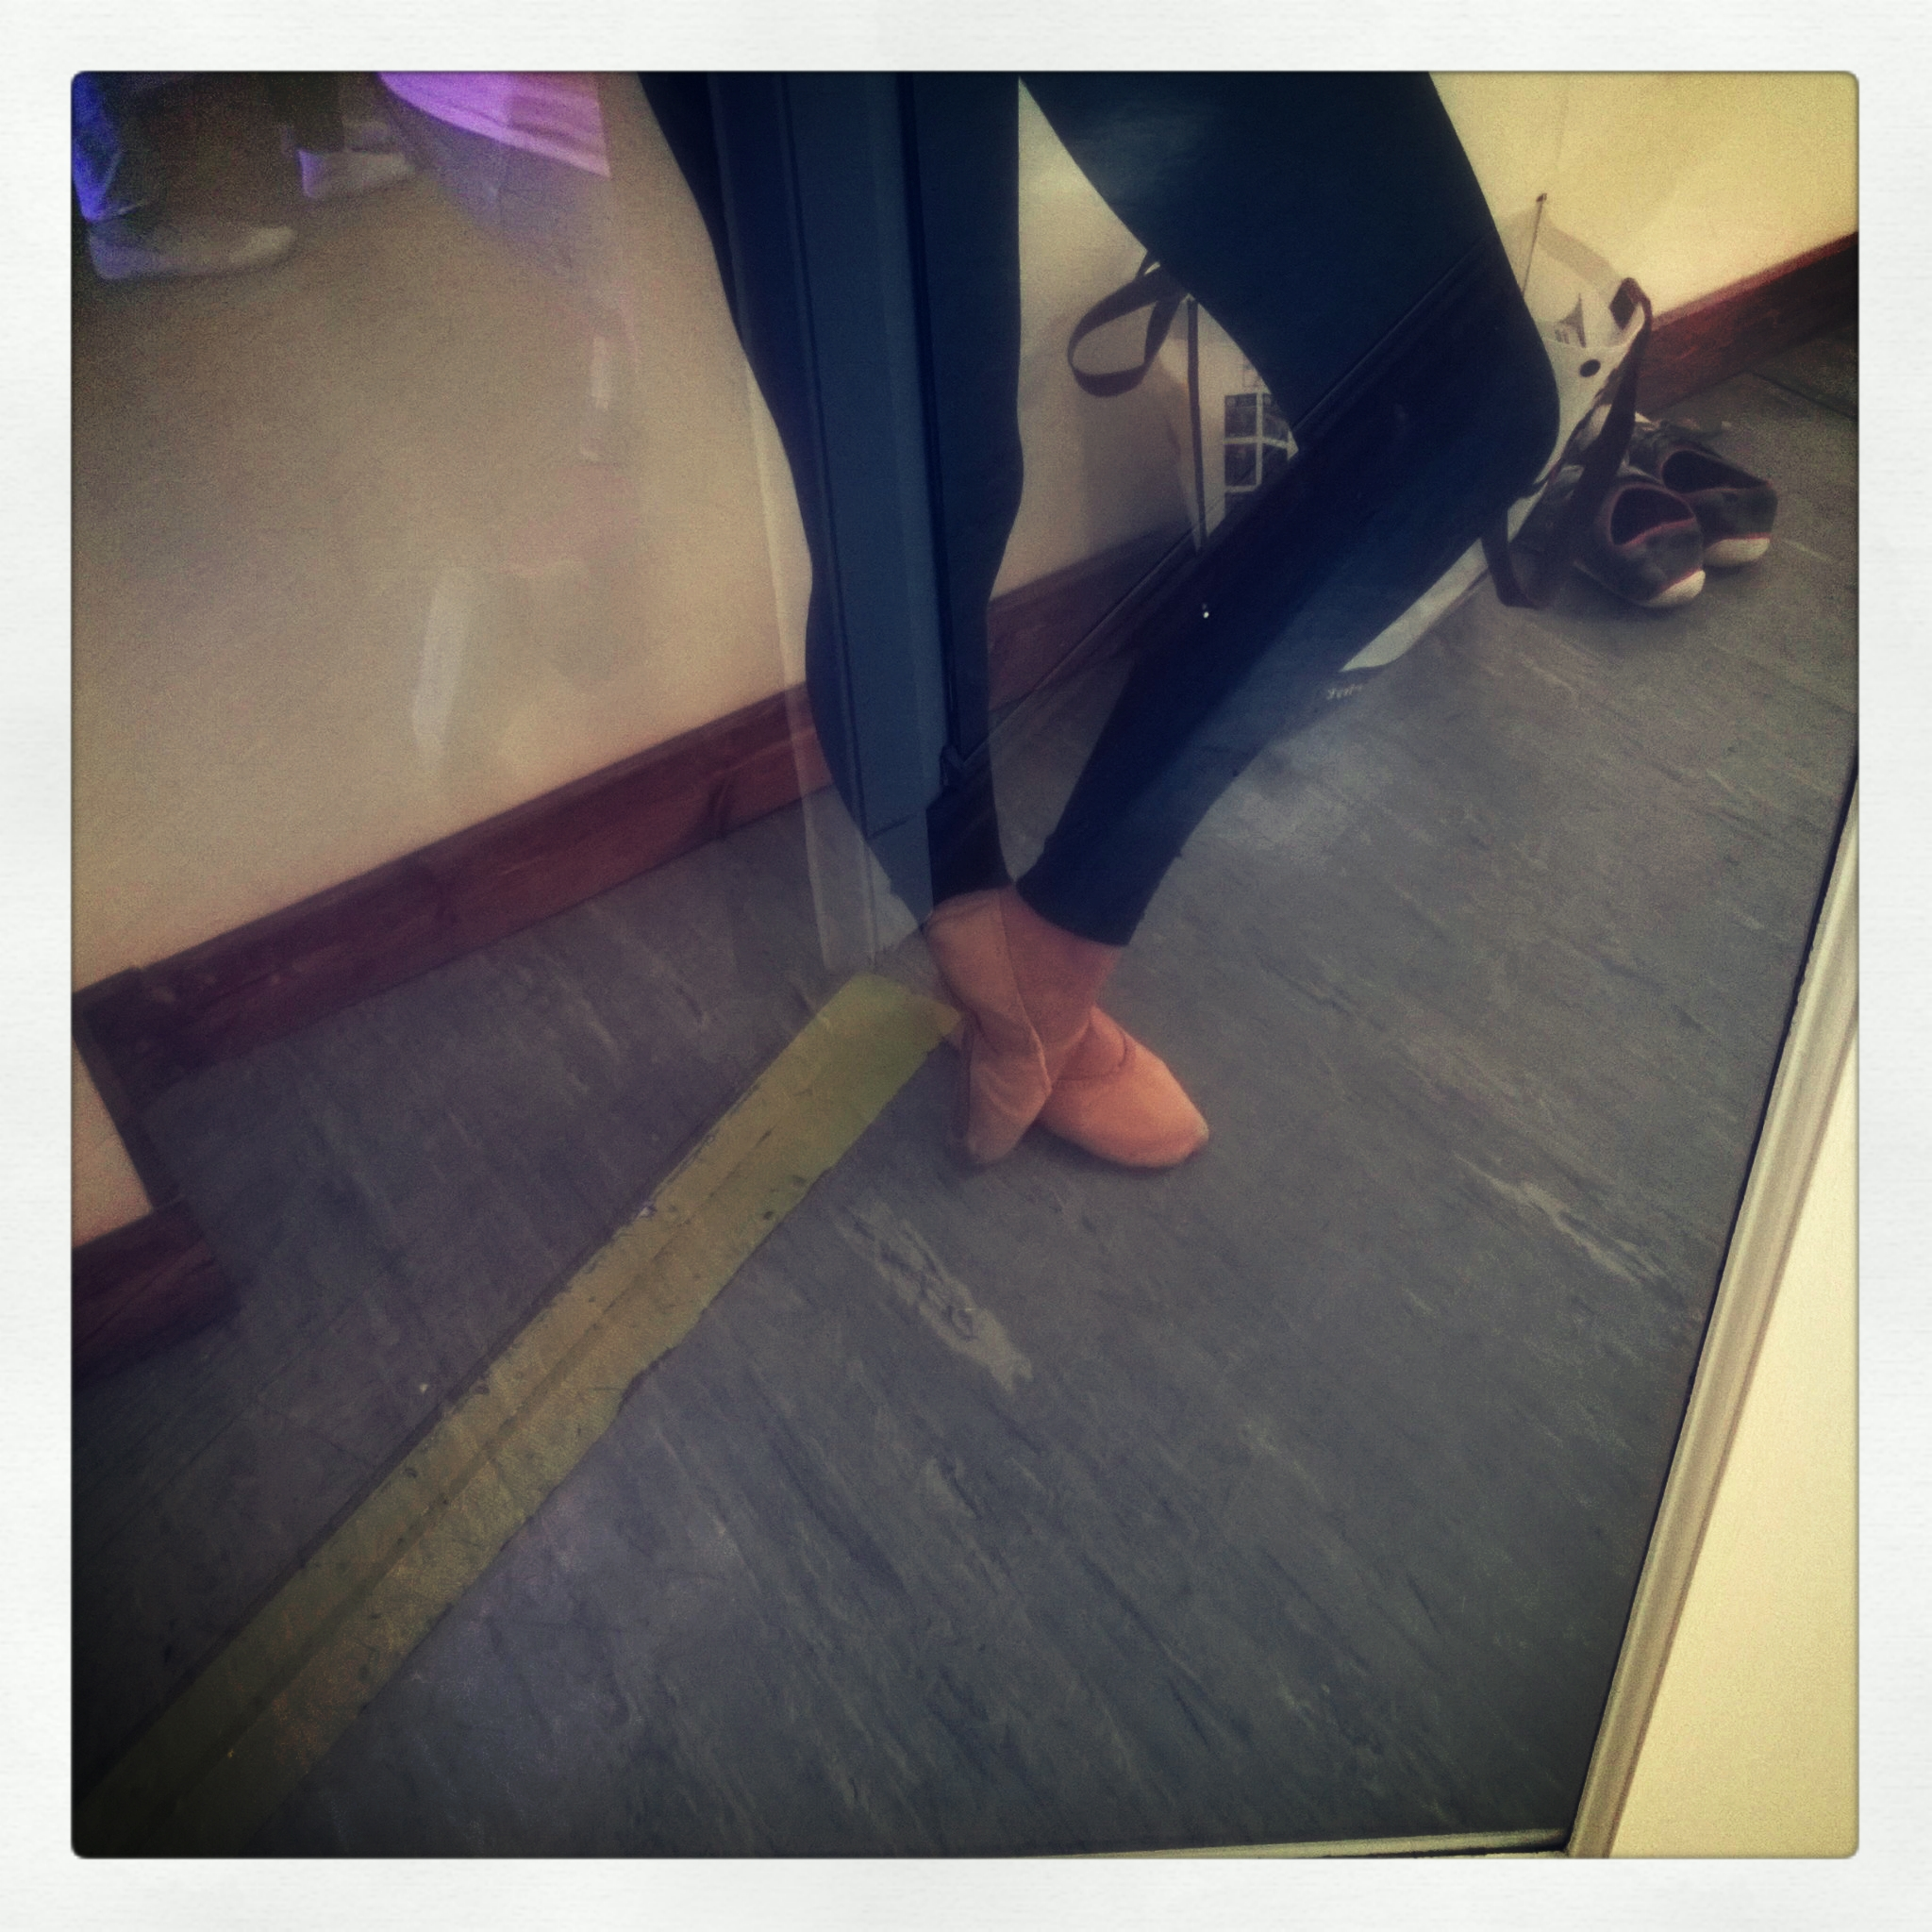 Ballet_Slippers.jpg